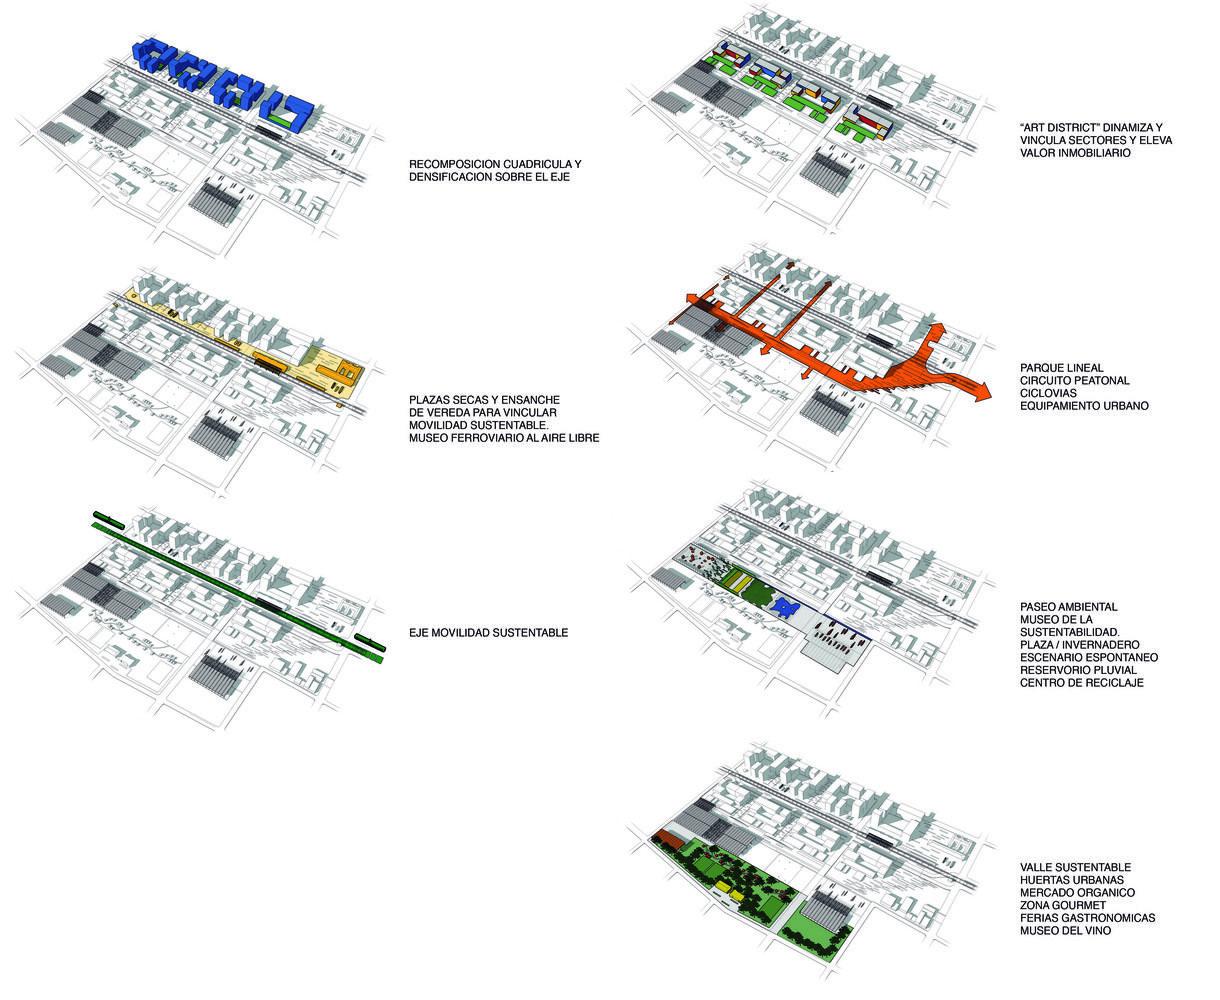 Galería de Estación Mendoza: la sustentabilidad como guía para la generación de espacio público – 5